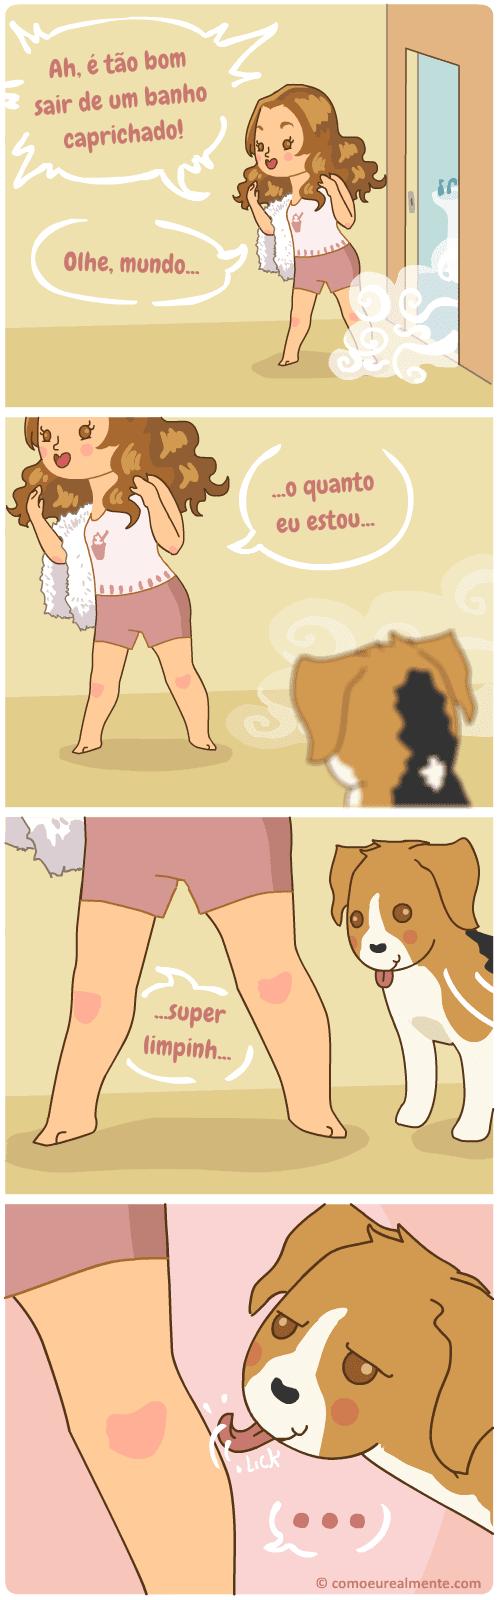 Meu cachorro ama lamber minhas panturrilhas, especialmente quando eu tô limpa, e eu não sei por quê